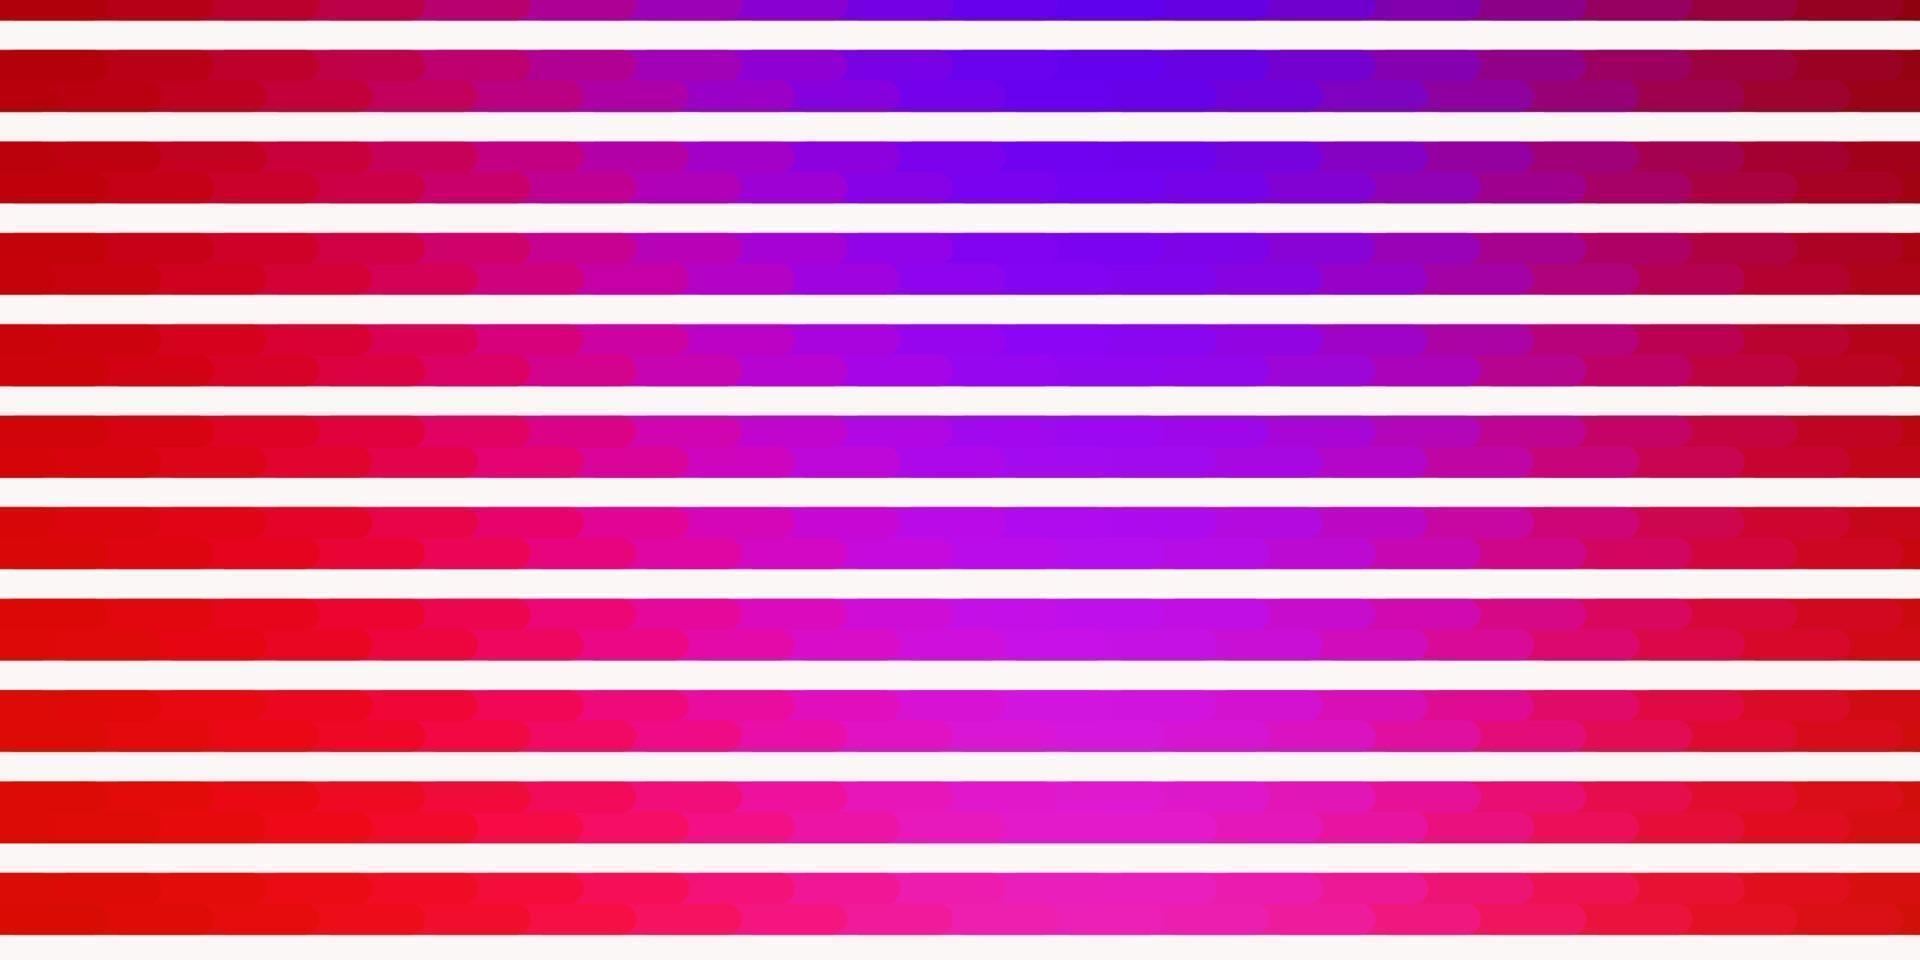 plantilla de vector de color rosa oscuro, rojo con líneas.